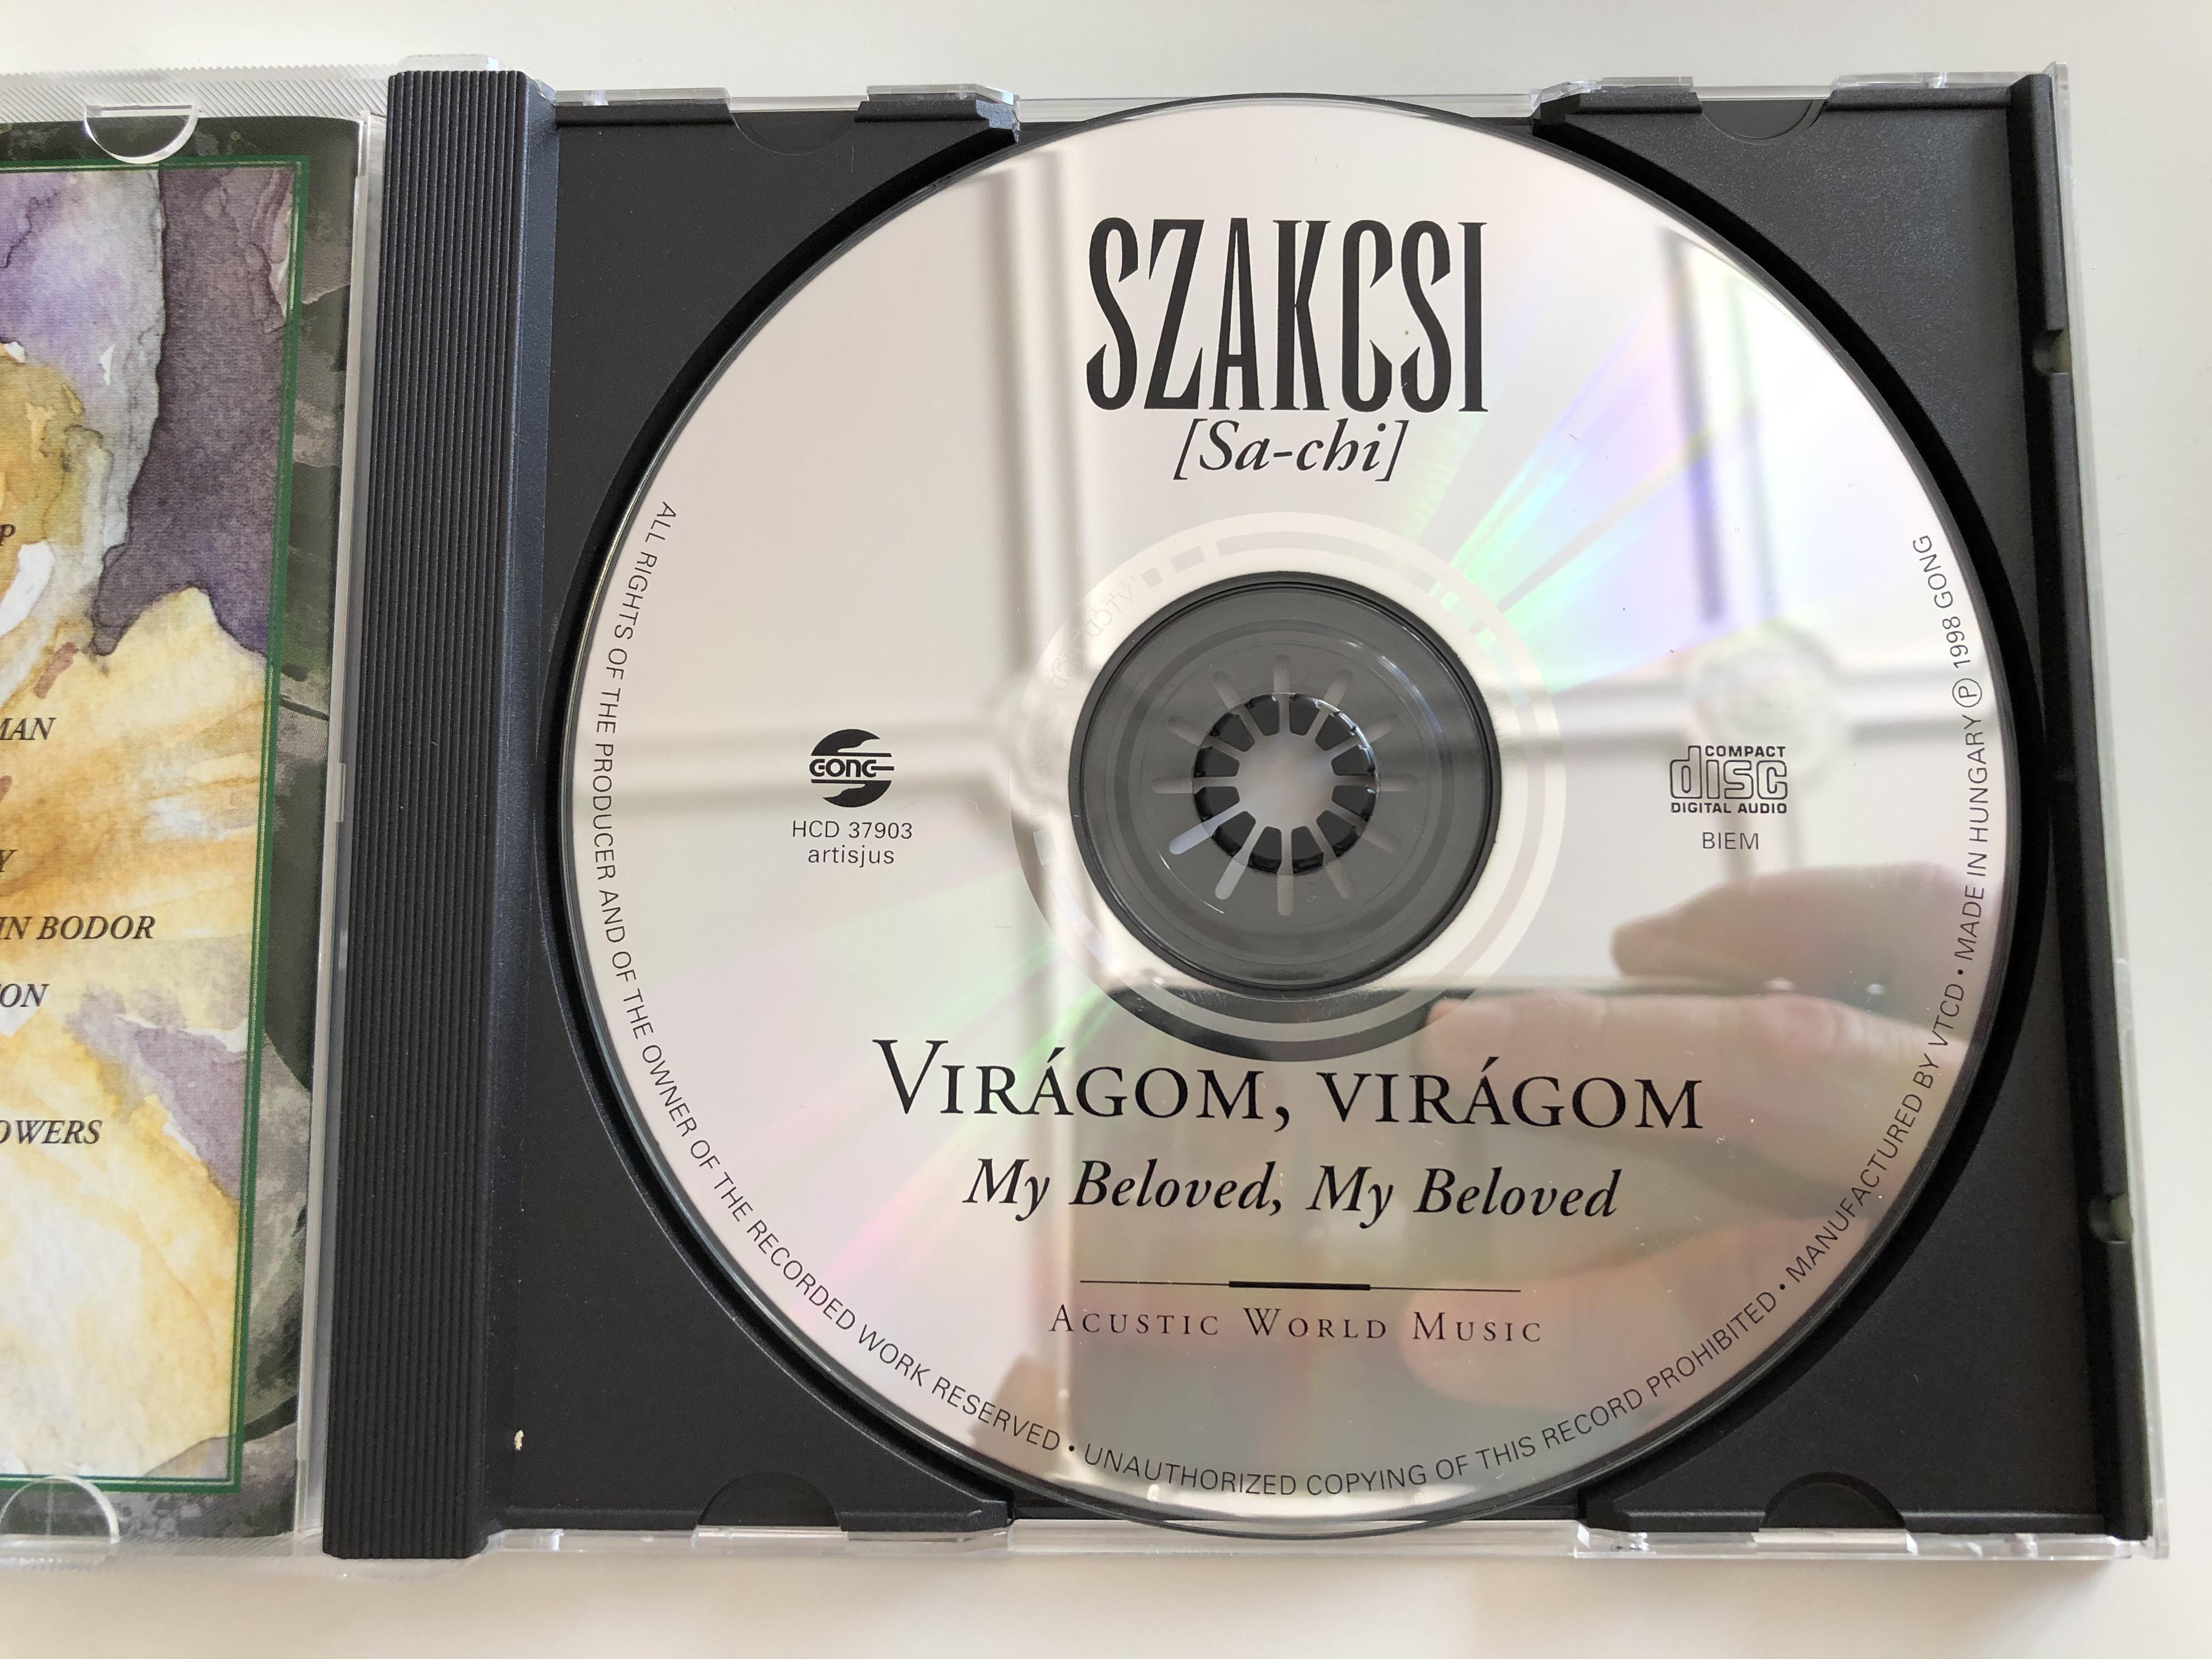 szakcsi-sa-chi-vir-gom-vir-gom-my-beloved-my-beloved-acoustic-world-music-gong-audio-cd-1998-hcd-37903-8-.jpg